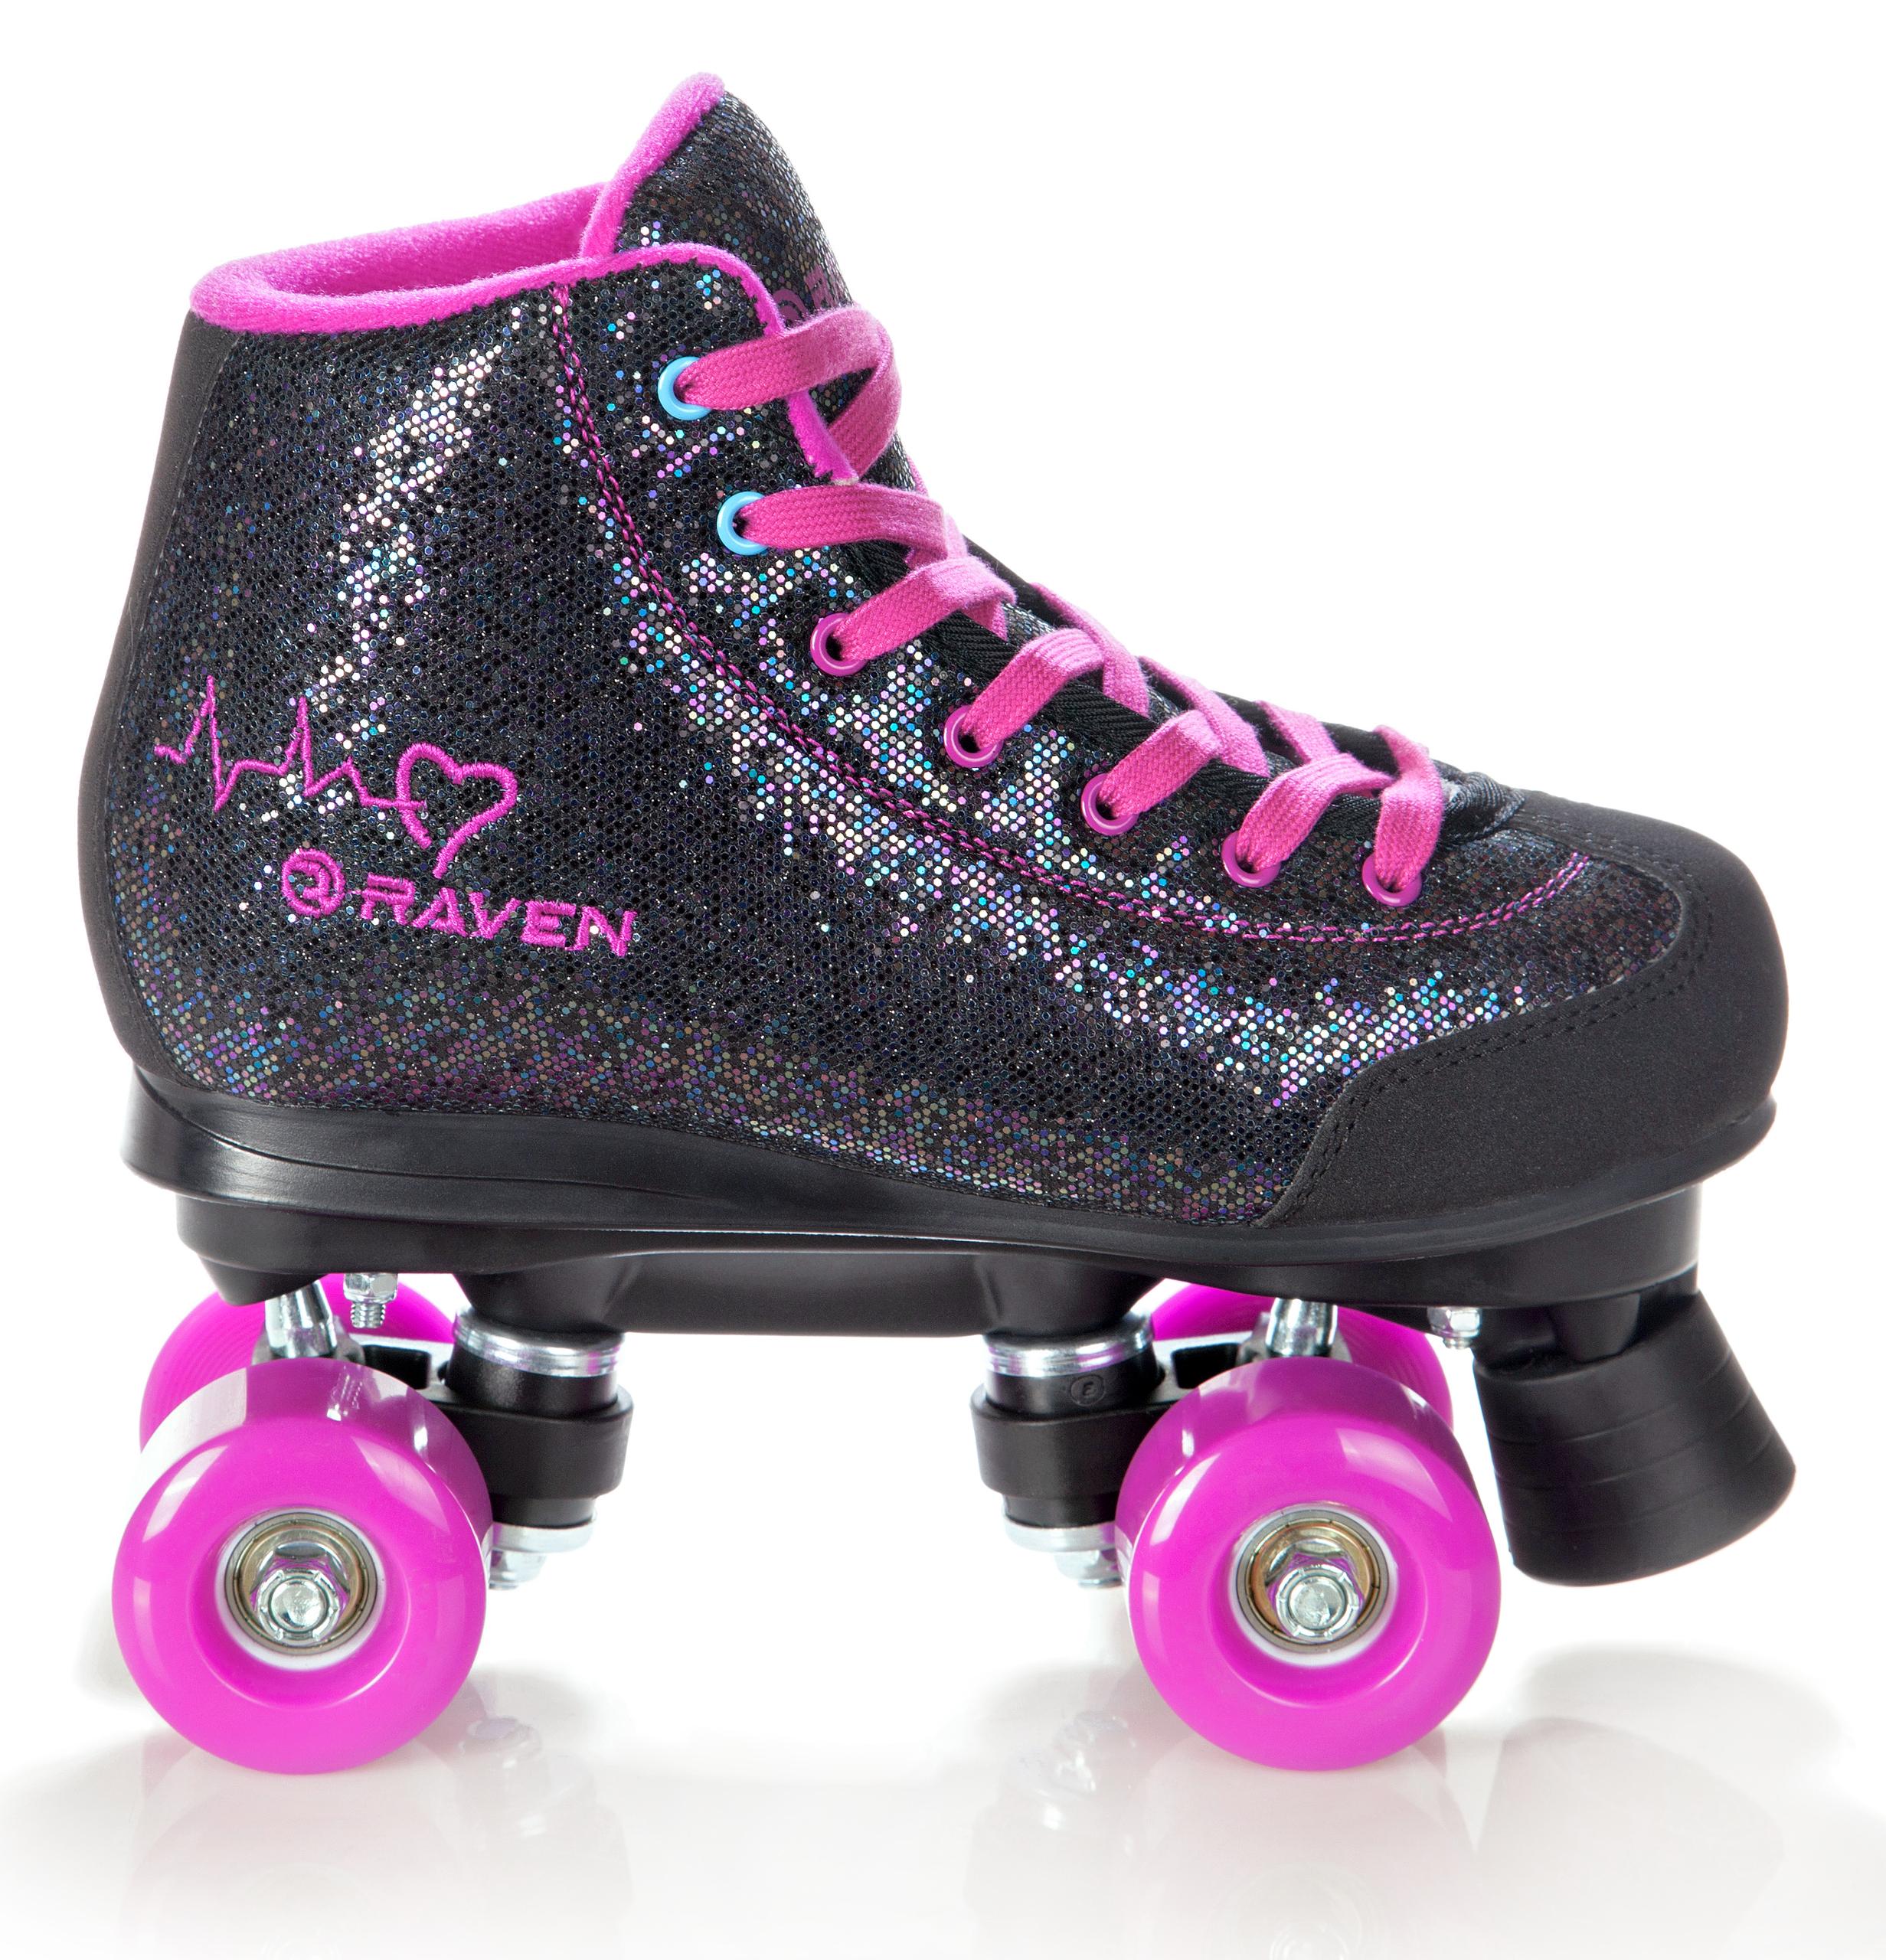 Los Angeles großer Verkauf beste Turnschuhe Rollschuhe Roller Skates Rollerskates Raven Camille Neu ...